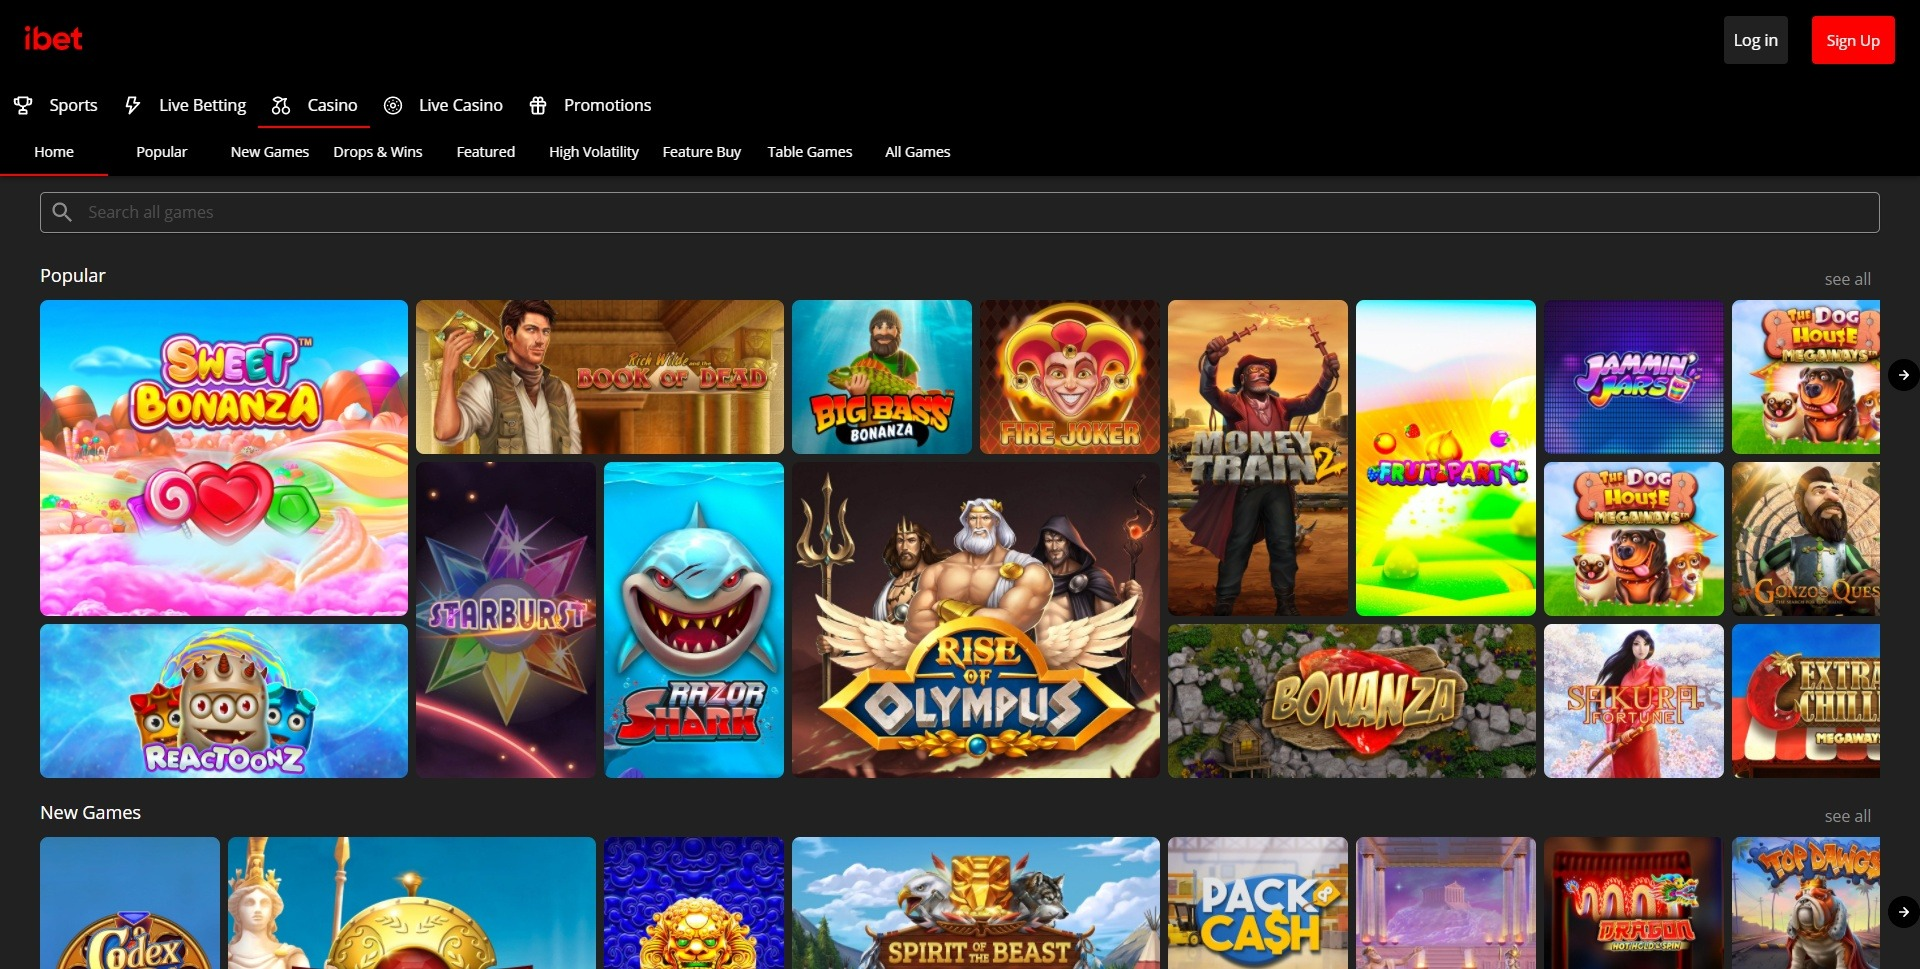 ibet casino review Canada